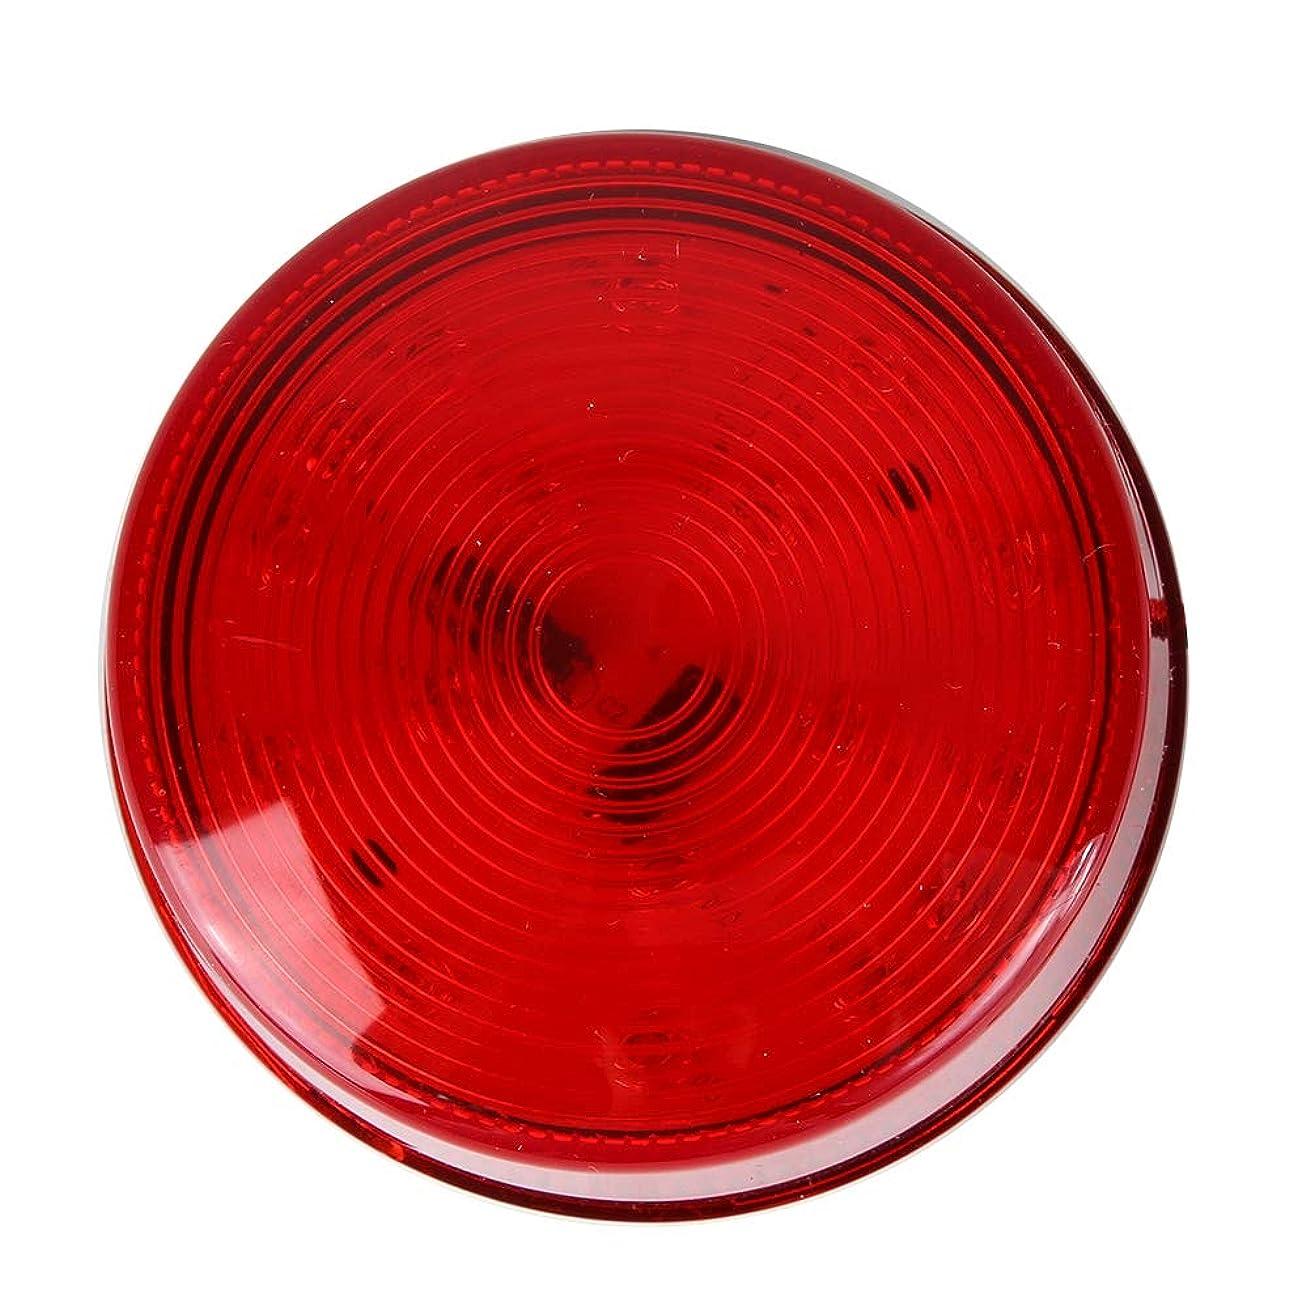 遅れ物理的な雷雨耐久性のあるABS素材LED警告灯、緊急用ストロボライト、ノイズなし暖房の問題なし90回/分セントリーボックスの点滅頻度(24V LED flashing light)